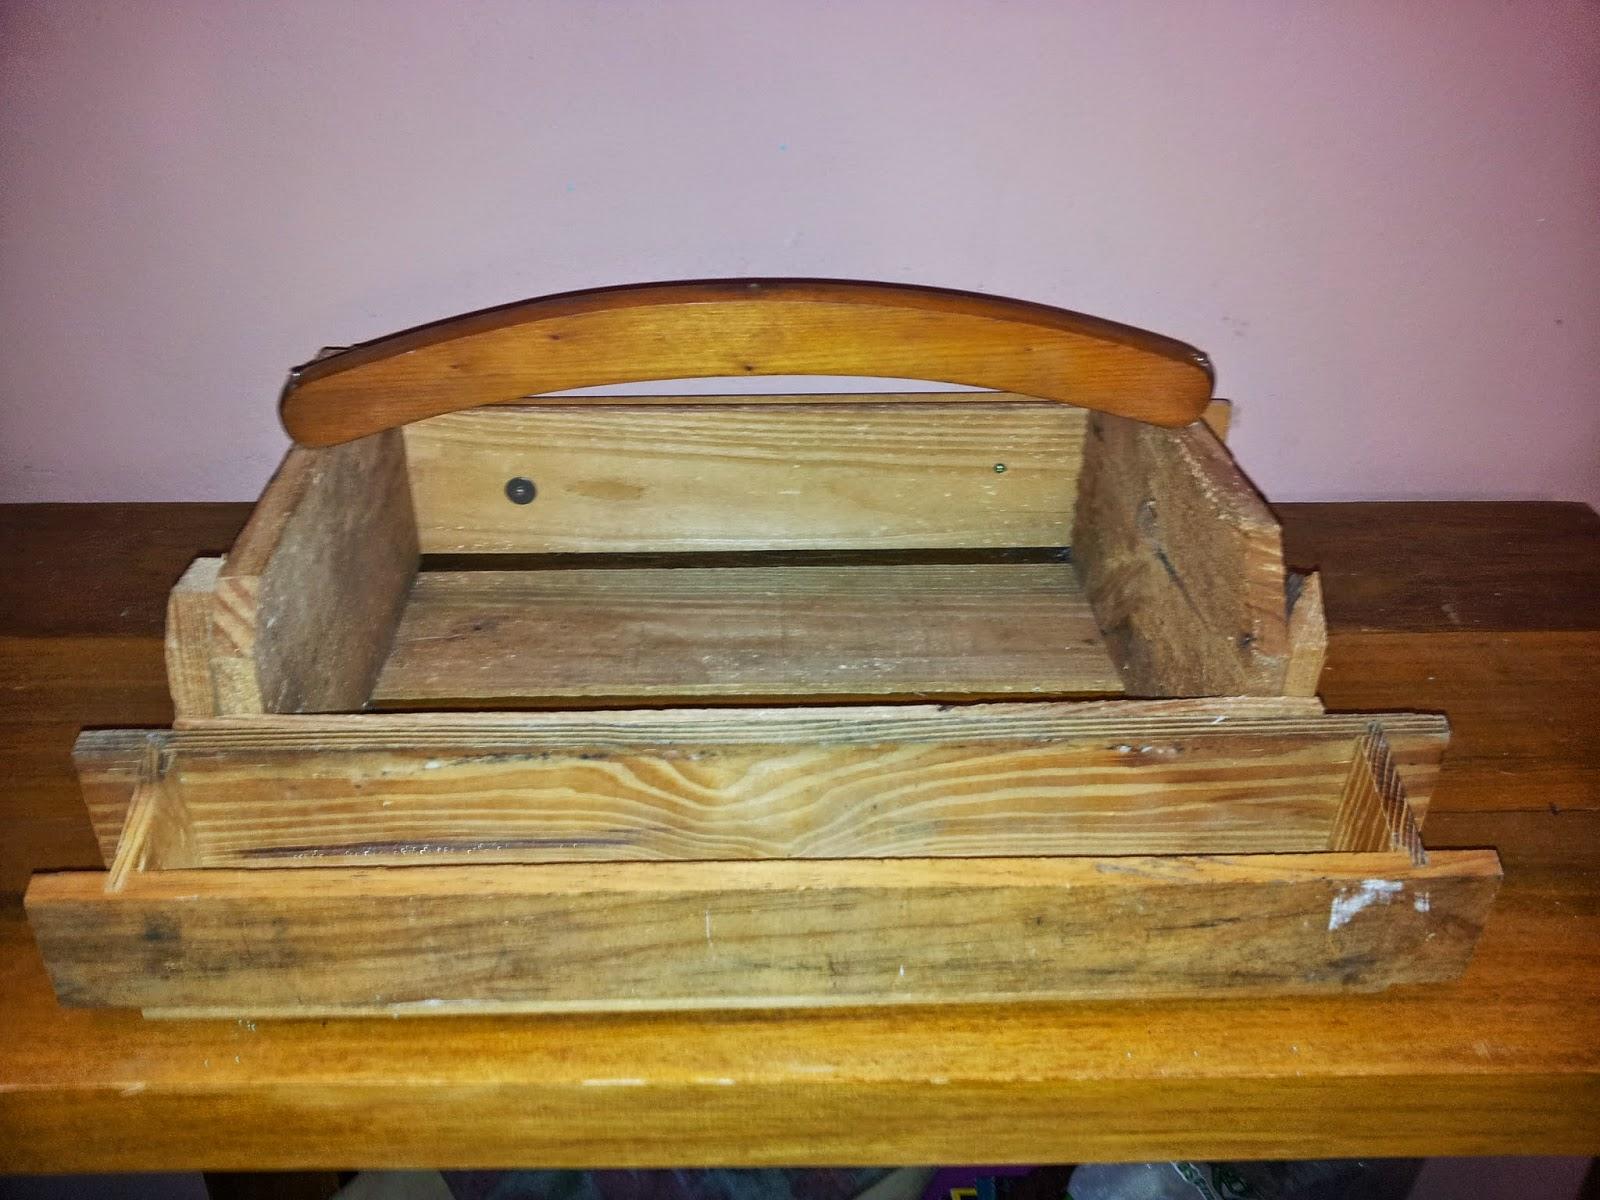 caixa de frutas formando a alça da caixa de ferramentas #6D4118 1600x1200